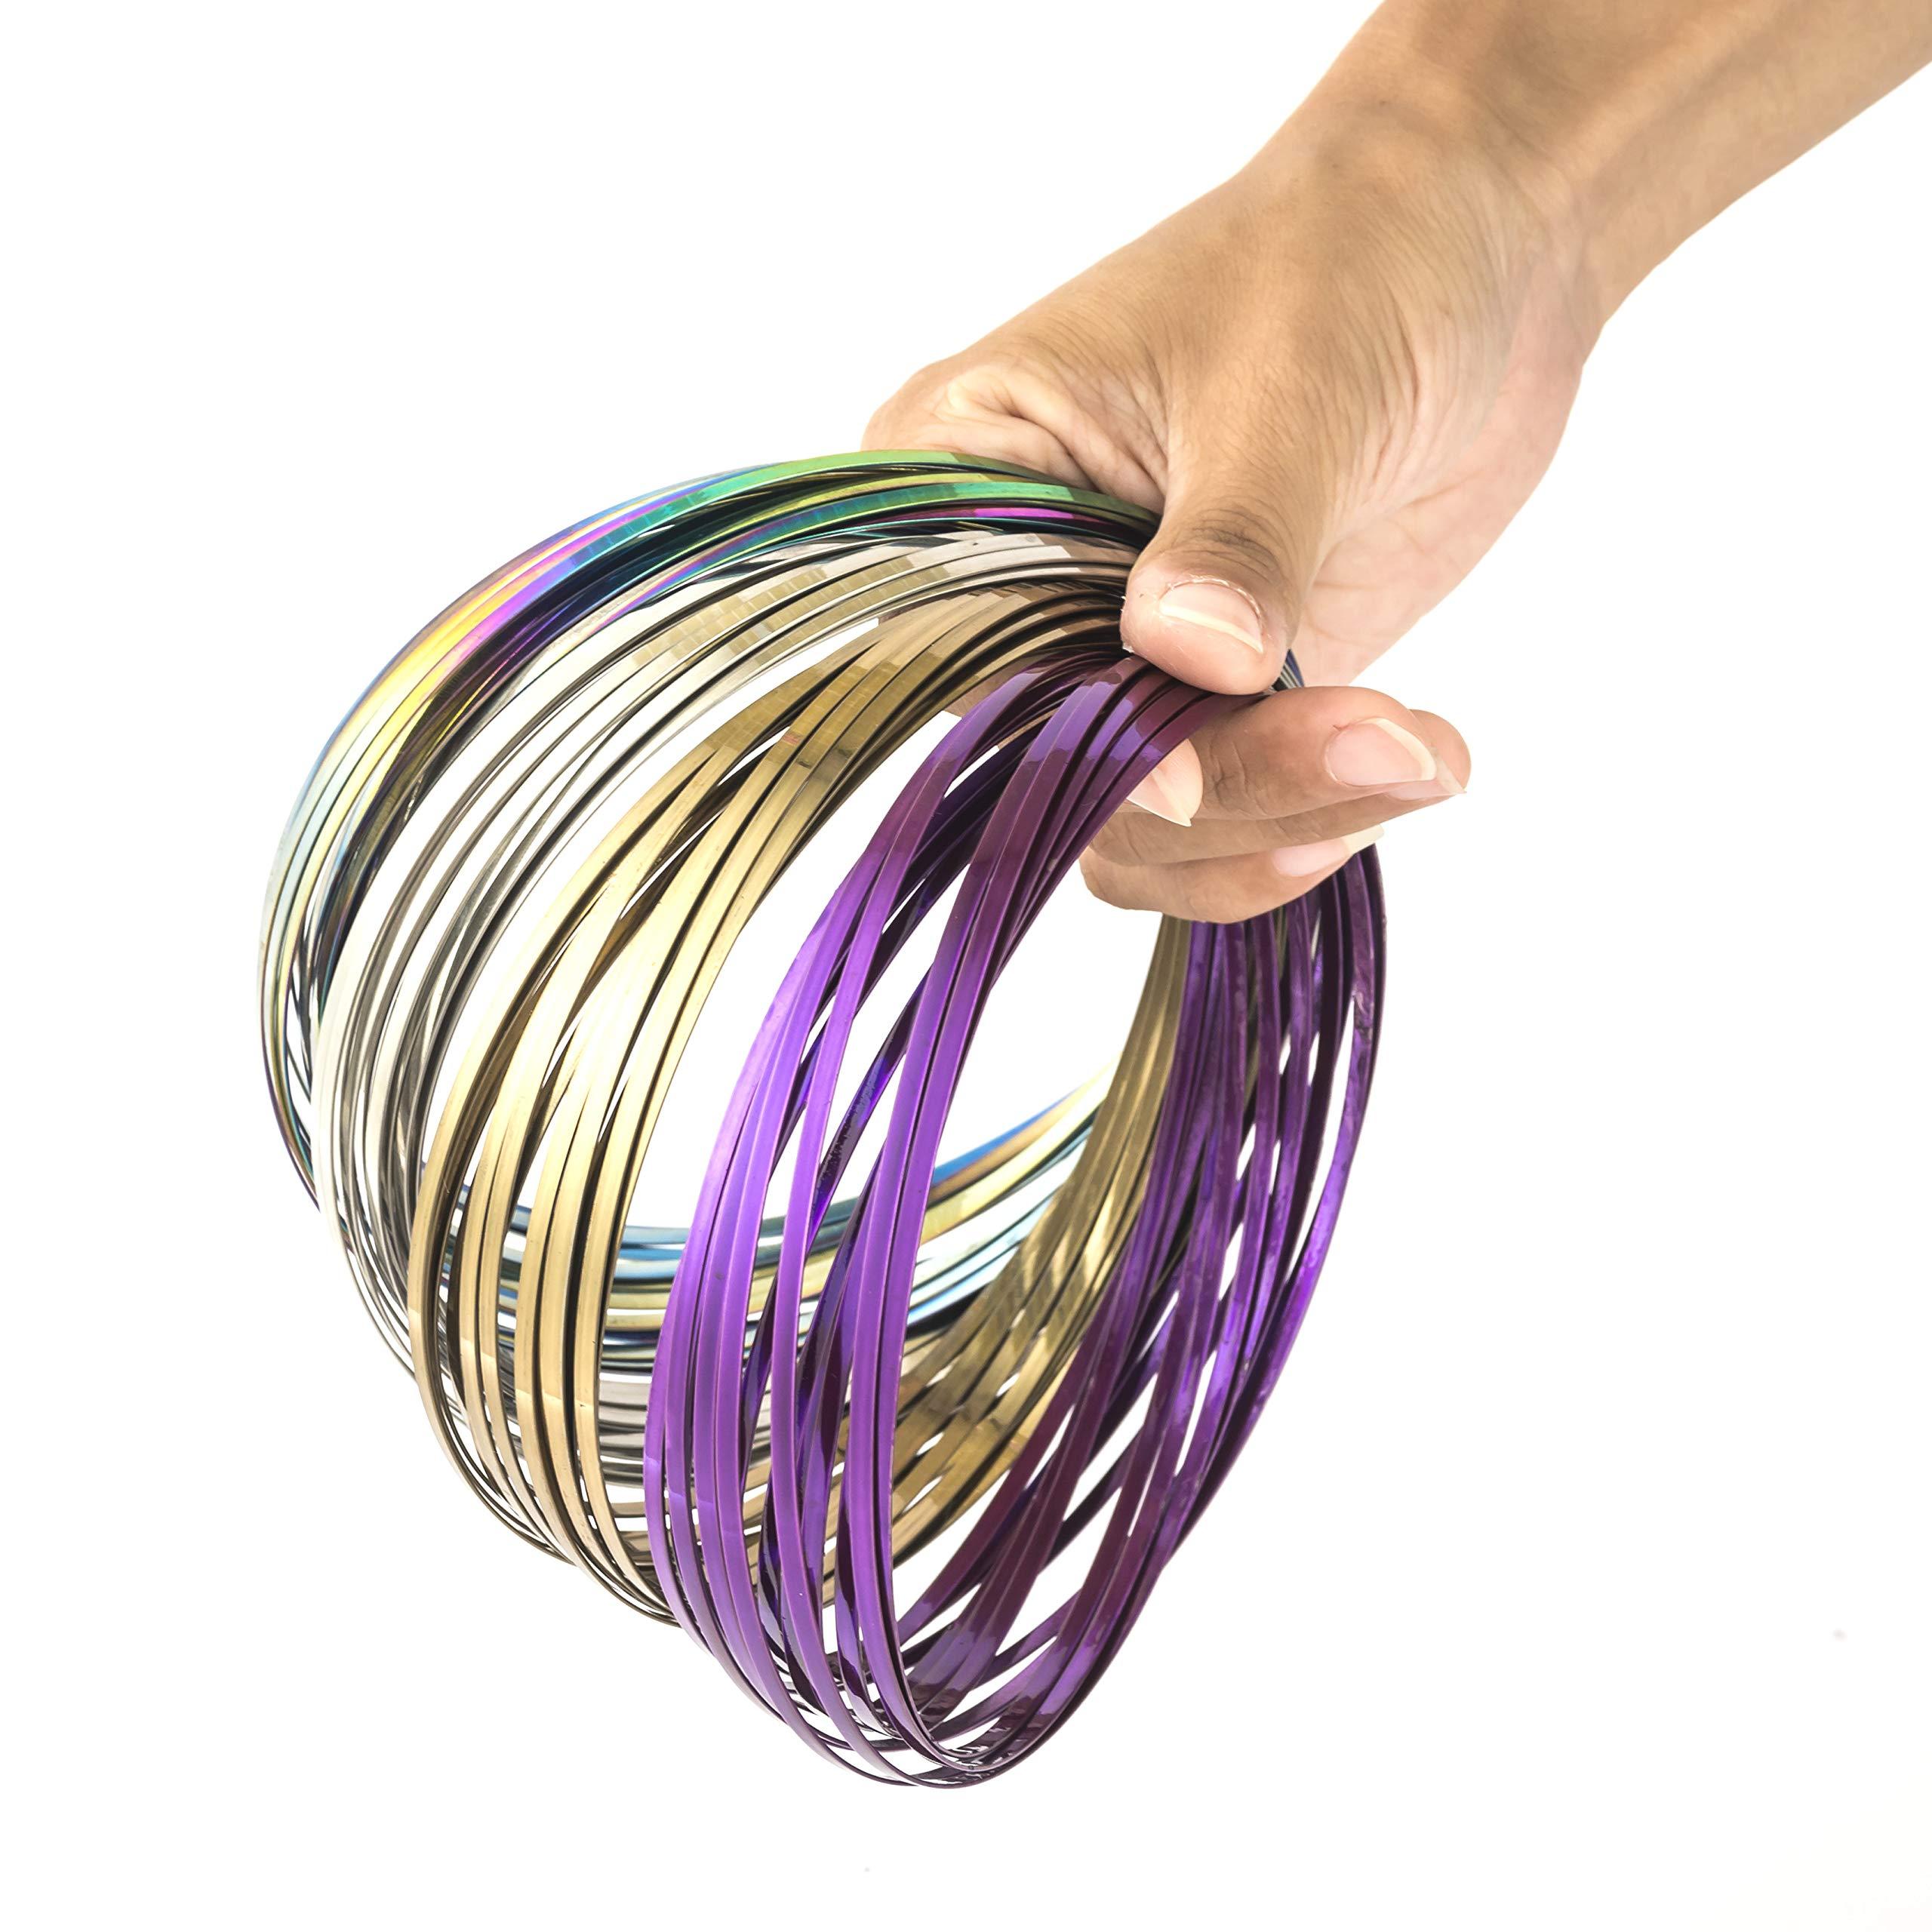 KELZ KIDZ Kinetic 3D Flow Rings Made from High Grade Stainless Steel (12 Pack Assorted) by KELZ KIDZ (Image #1)